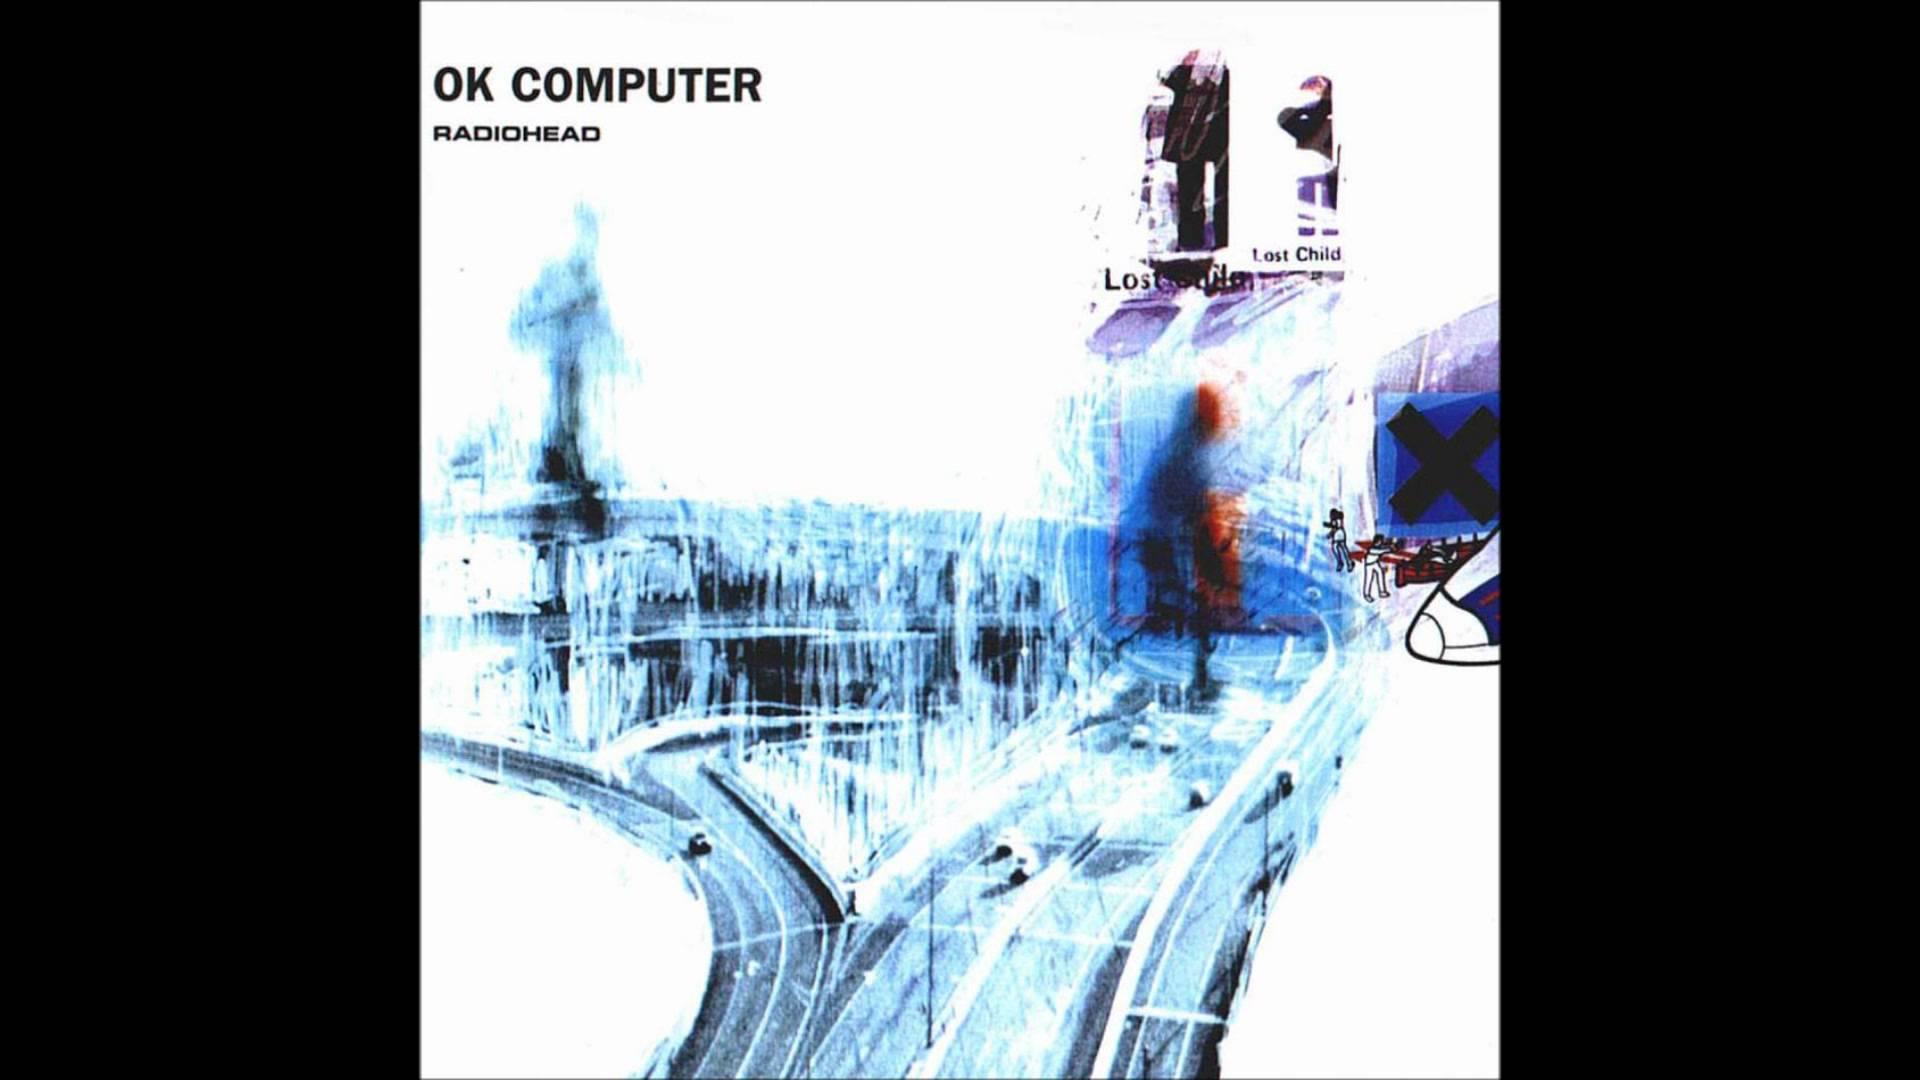 48 Radiohead Wallpaper 1080p On Wallpapersafari